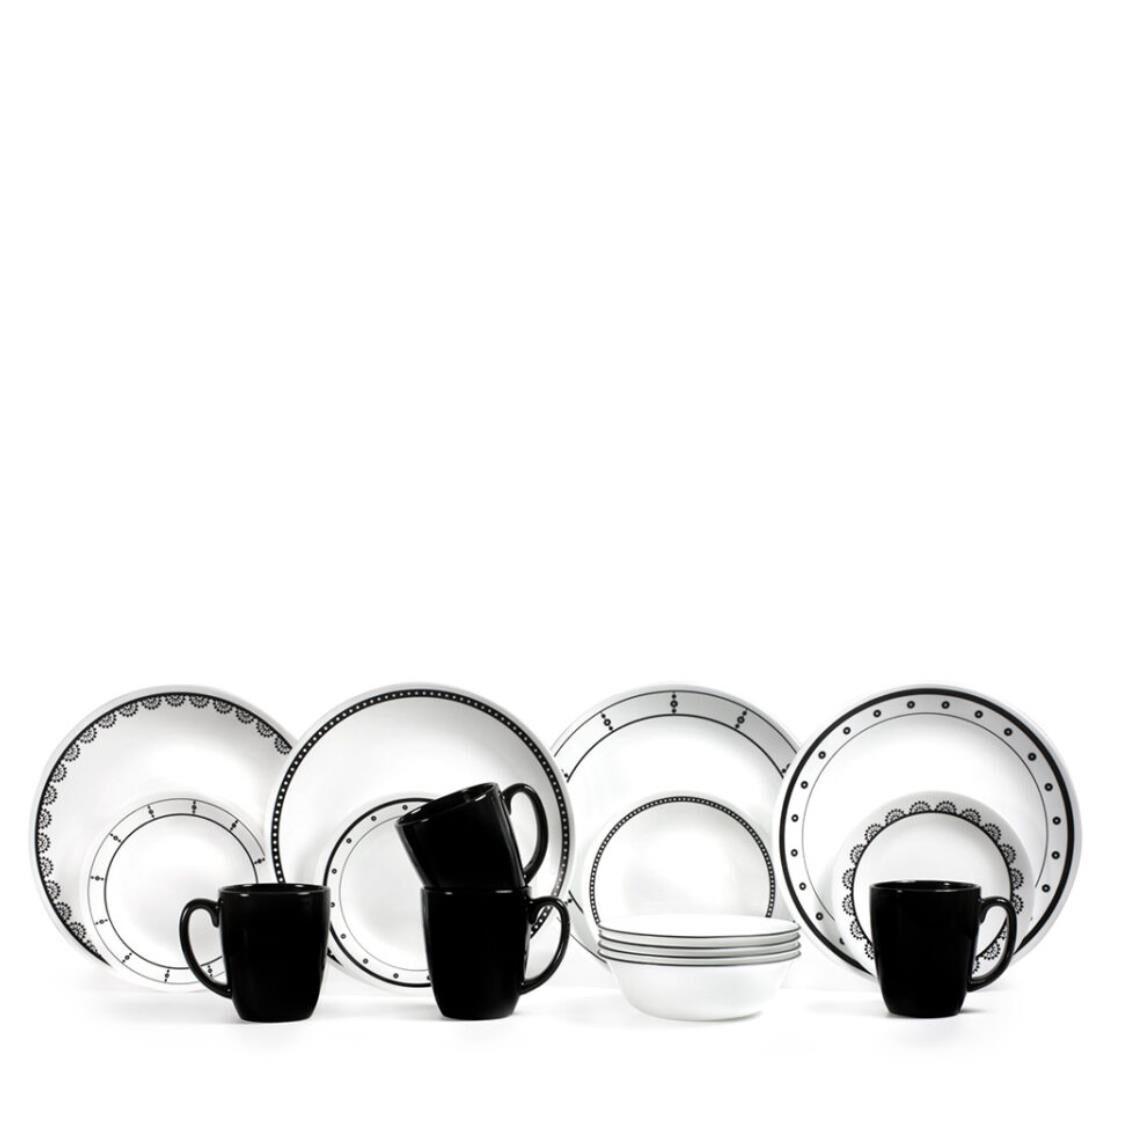 Corelle 16pc Dinner Set Black  White